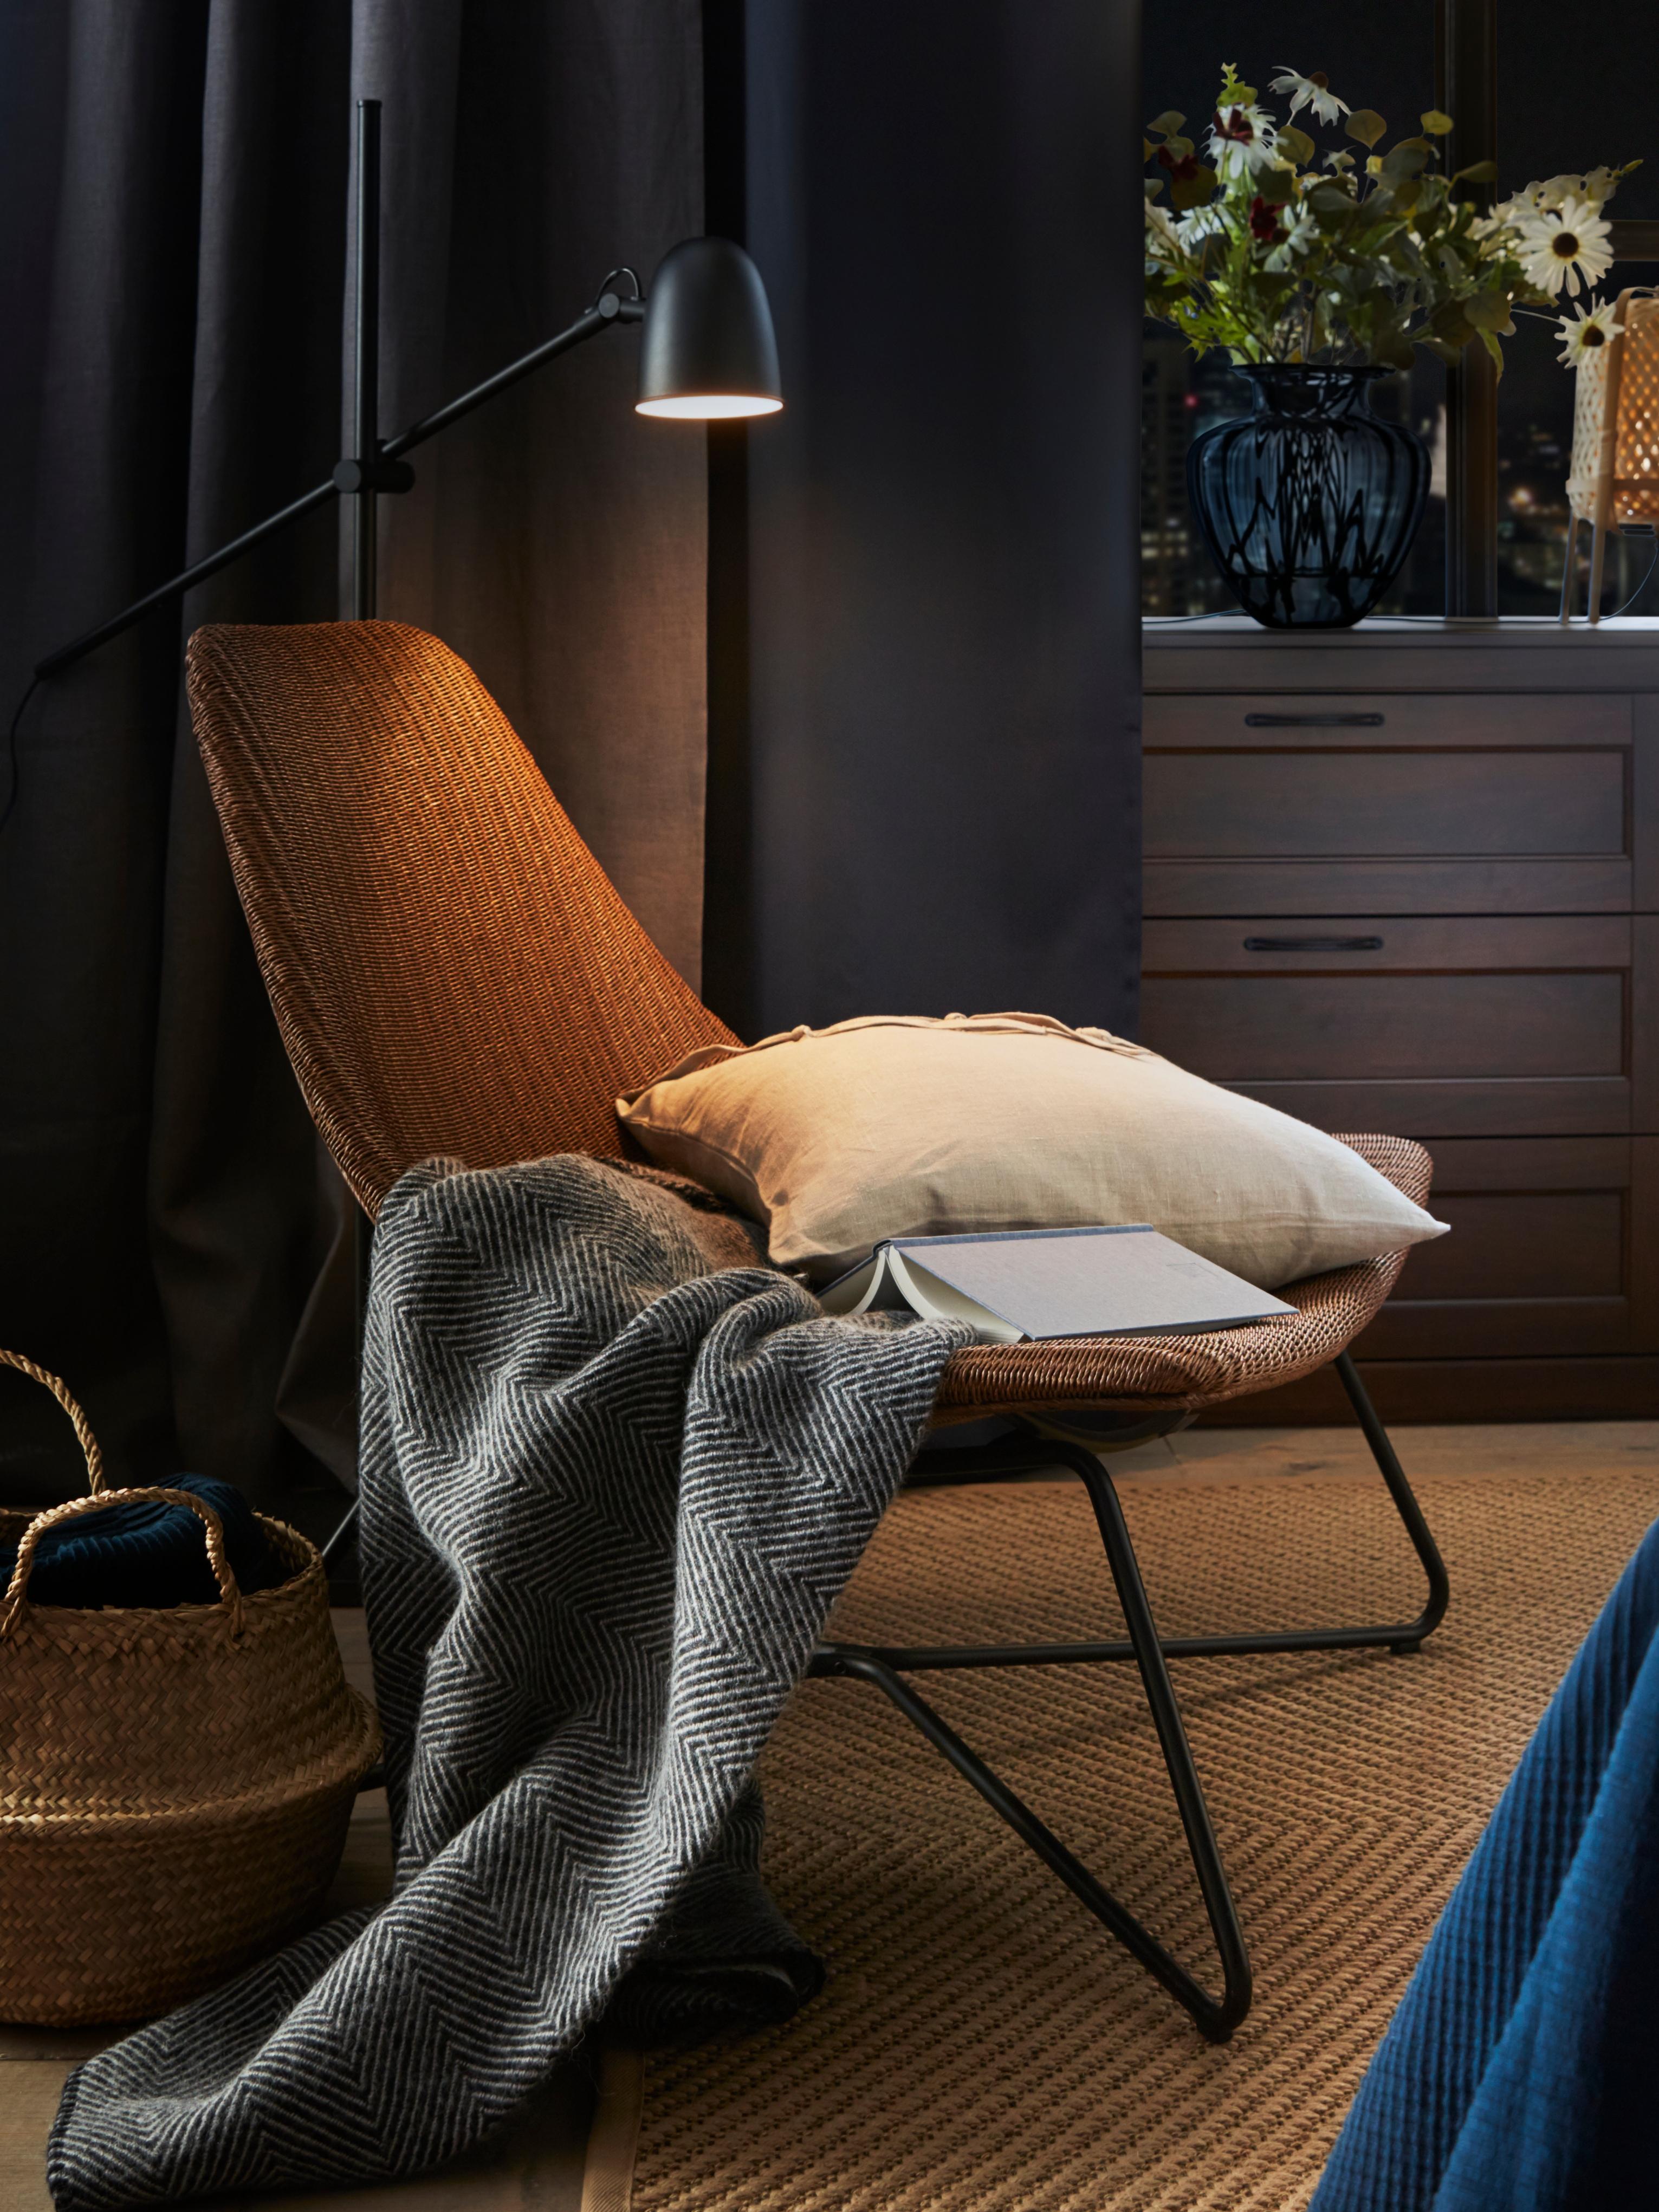 Poltrona RÅDVIKEN marrone scuro/nero dalla forma concava, con sedile in fibre naturali e gambe in acciaio, insieme a un libro, un cuscino e un plaid.